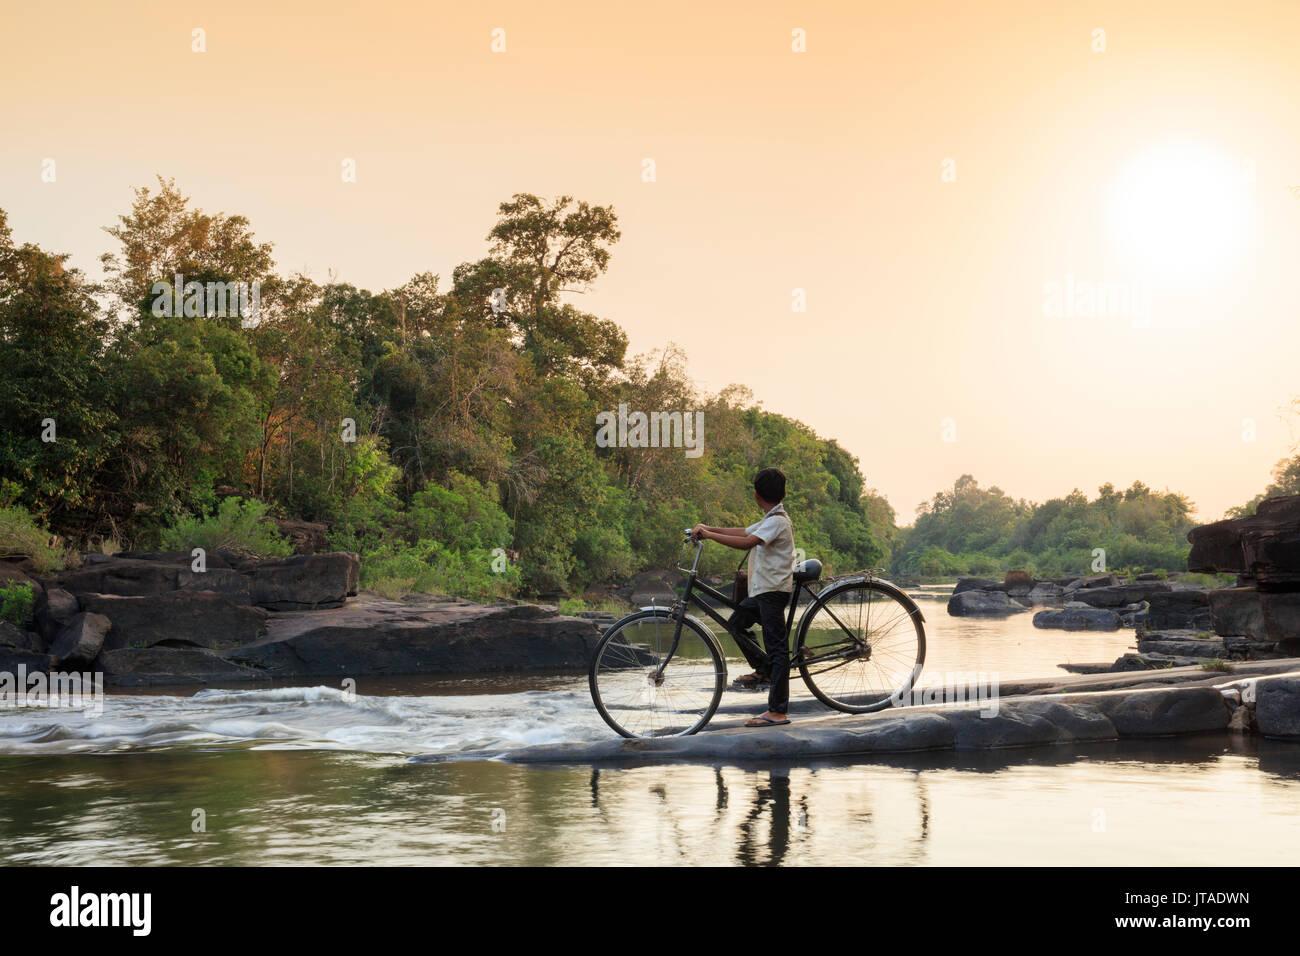 Schule Jungen auf einem Fahrrad, die einen Fluß überquert, auf dem Weg zur Schule, Chi Phat, Koh Kong, Kambodscha, Indochina, Südostasien, Asien Stockbild